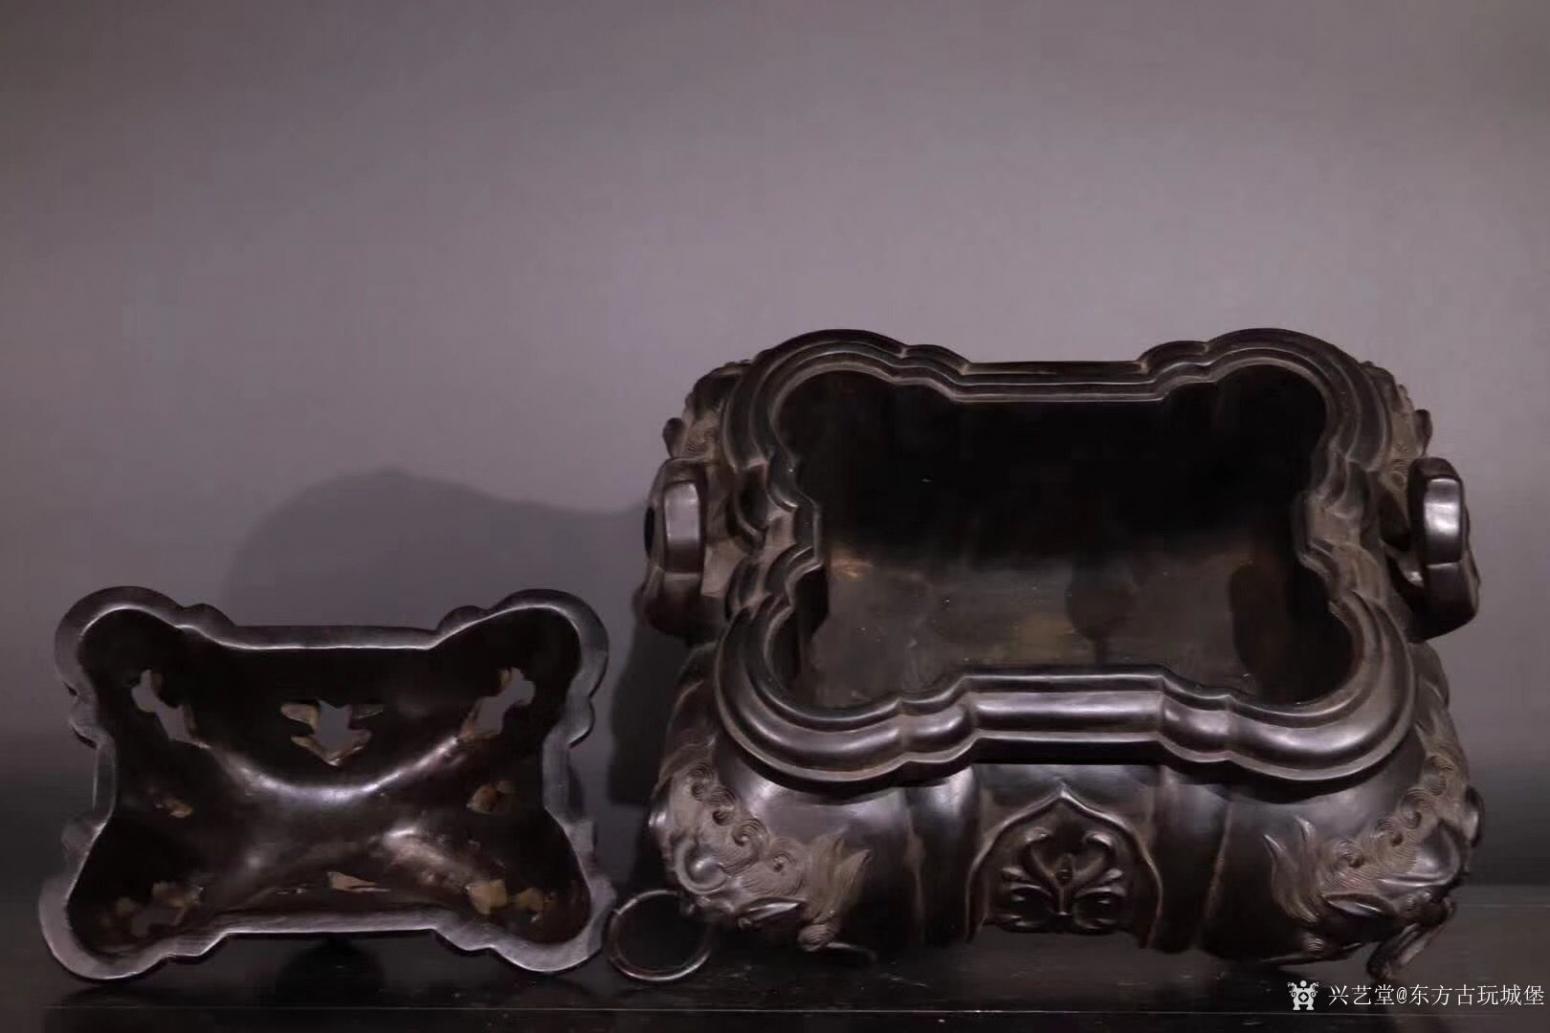 东方古玩城堡雕刻作品《紫檀香薰炉》【图7】